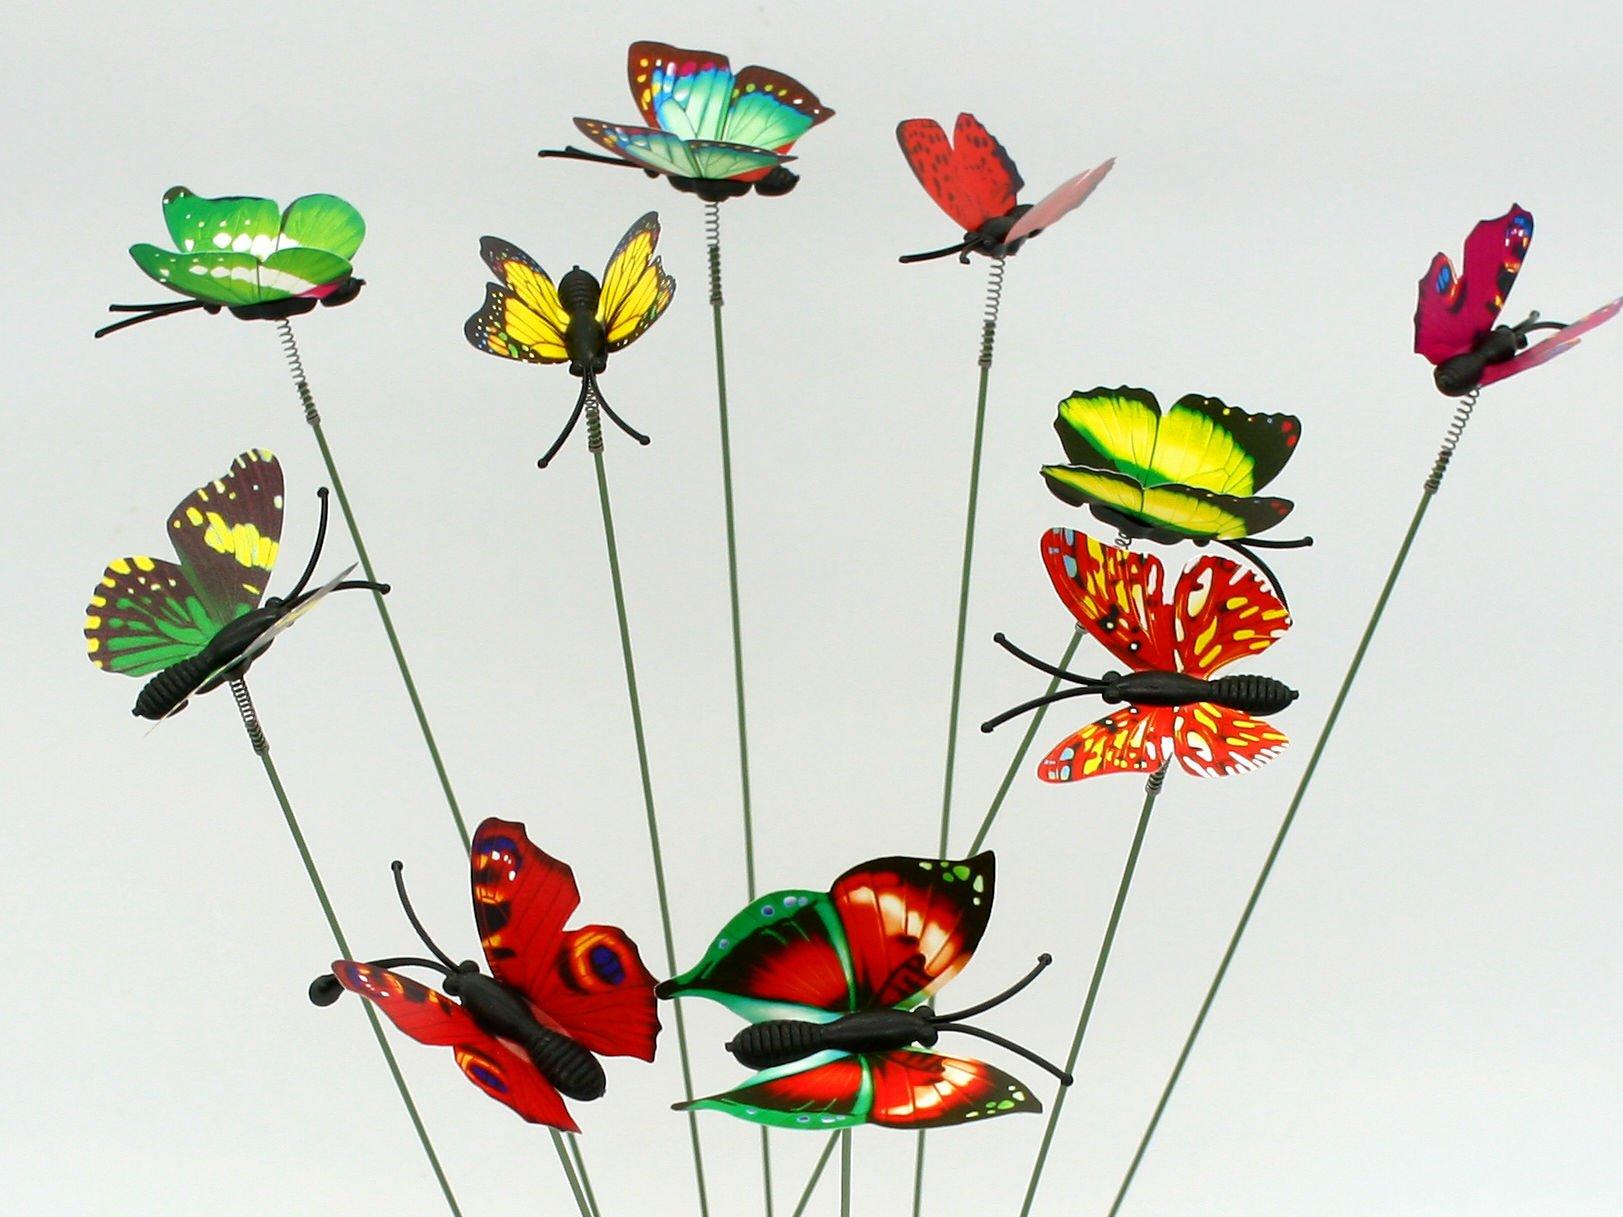 SecretRain Diseño de Hada del jardín en Miniatura Botes para Especias de Flores diseño con Texto en inglés de Maceta 10 Piezas de Colores Brillante de Mariposa de Vinilo: Amazon.es: Hogar